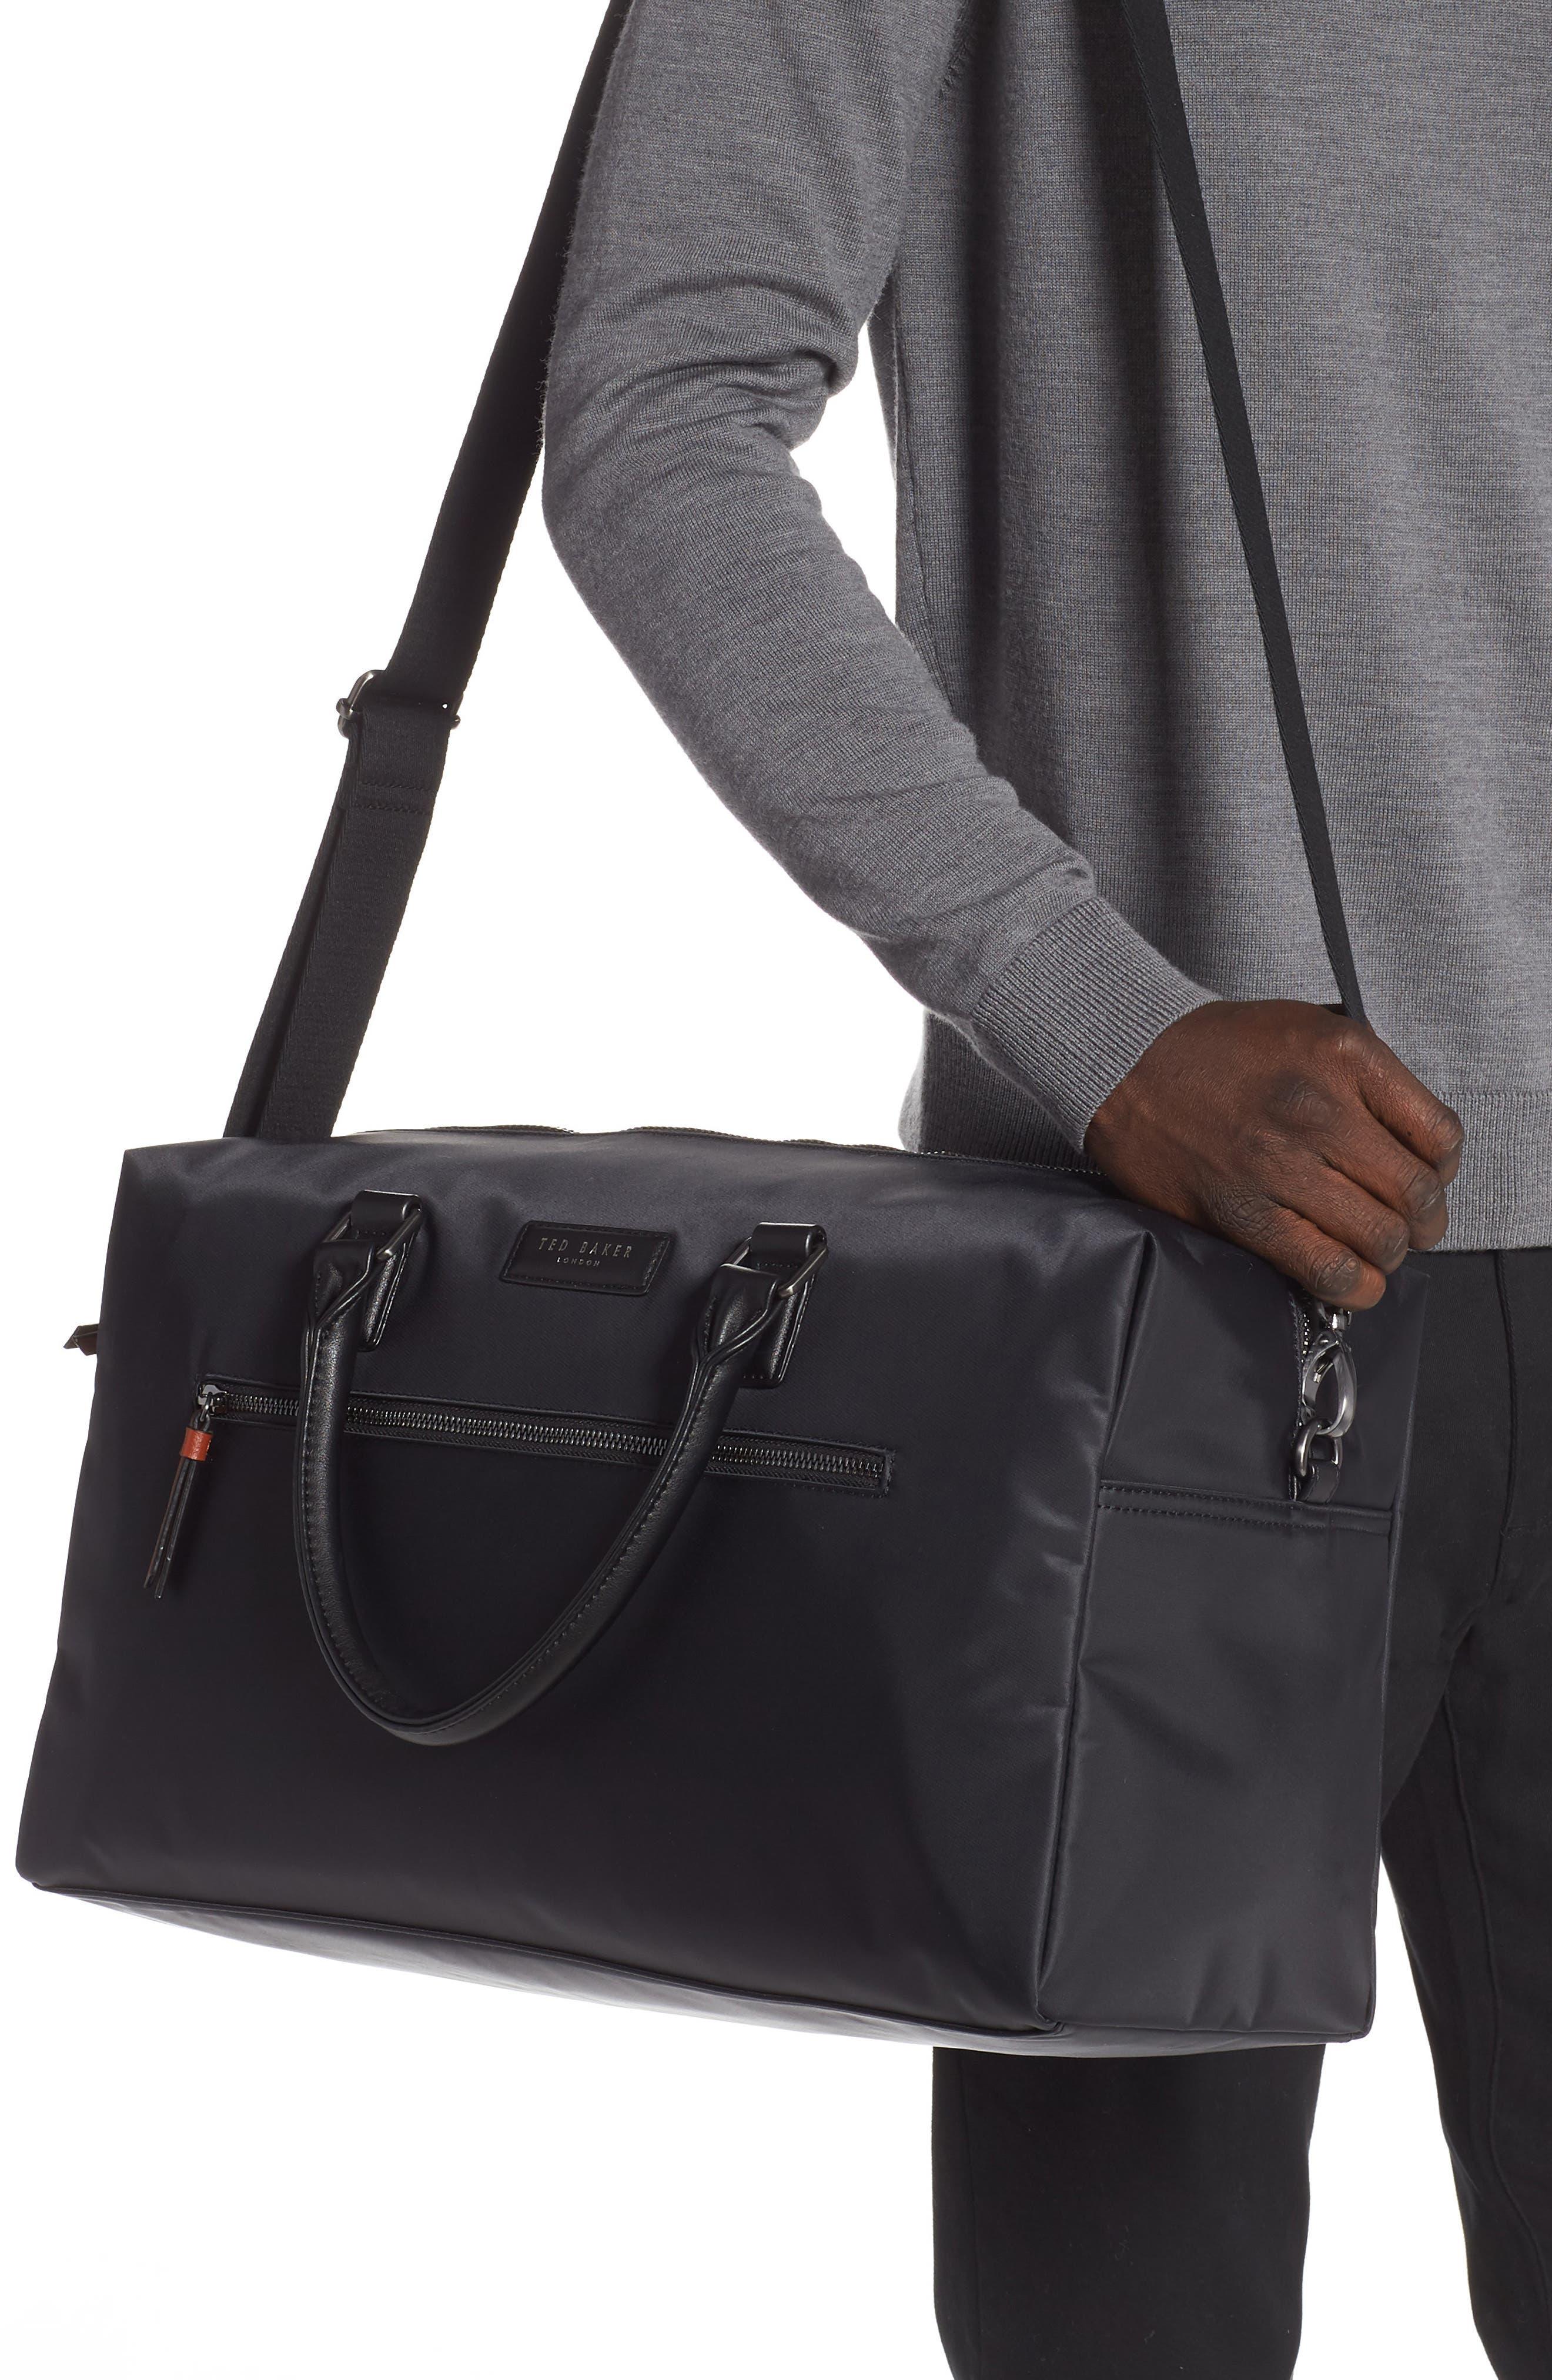 Nylon Duffel Bag,                             Alternate thumbnail 2, color,                             BLACK